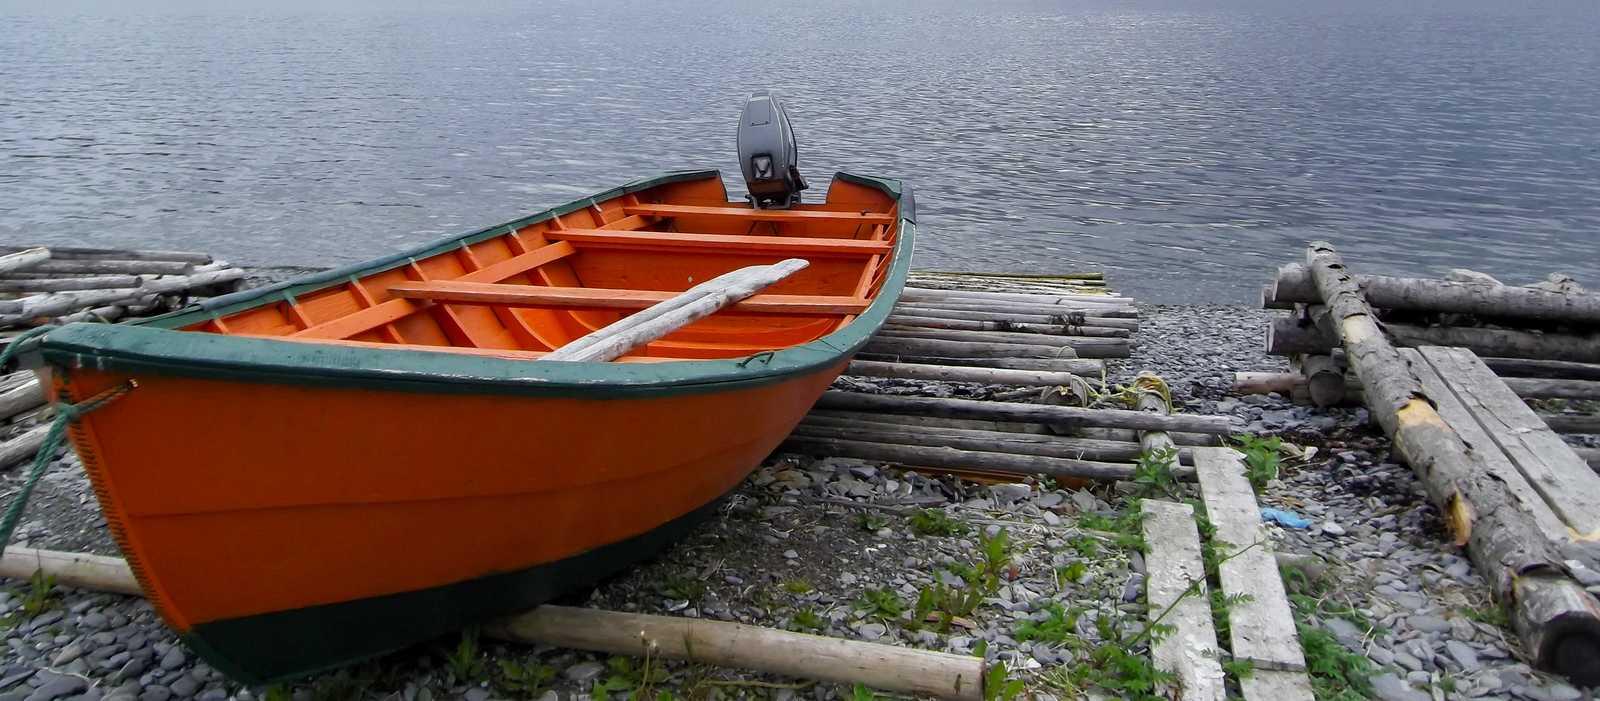 Ein Newfoundland Dory